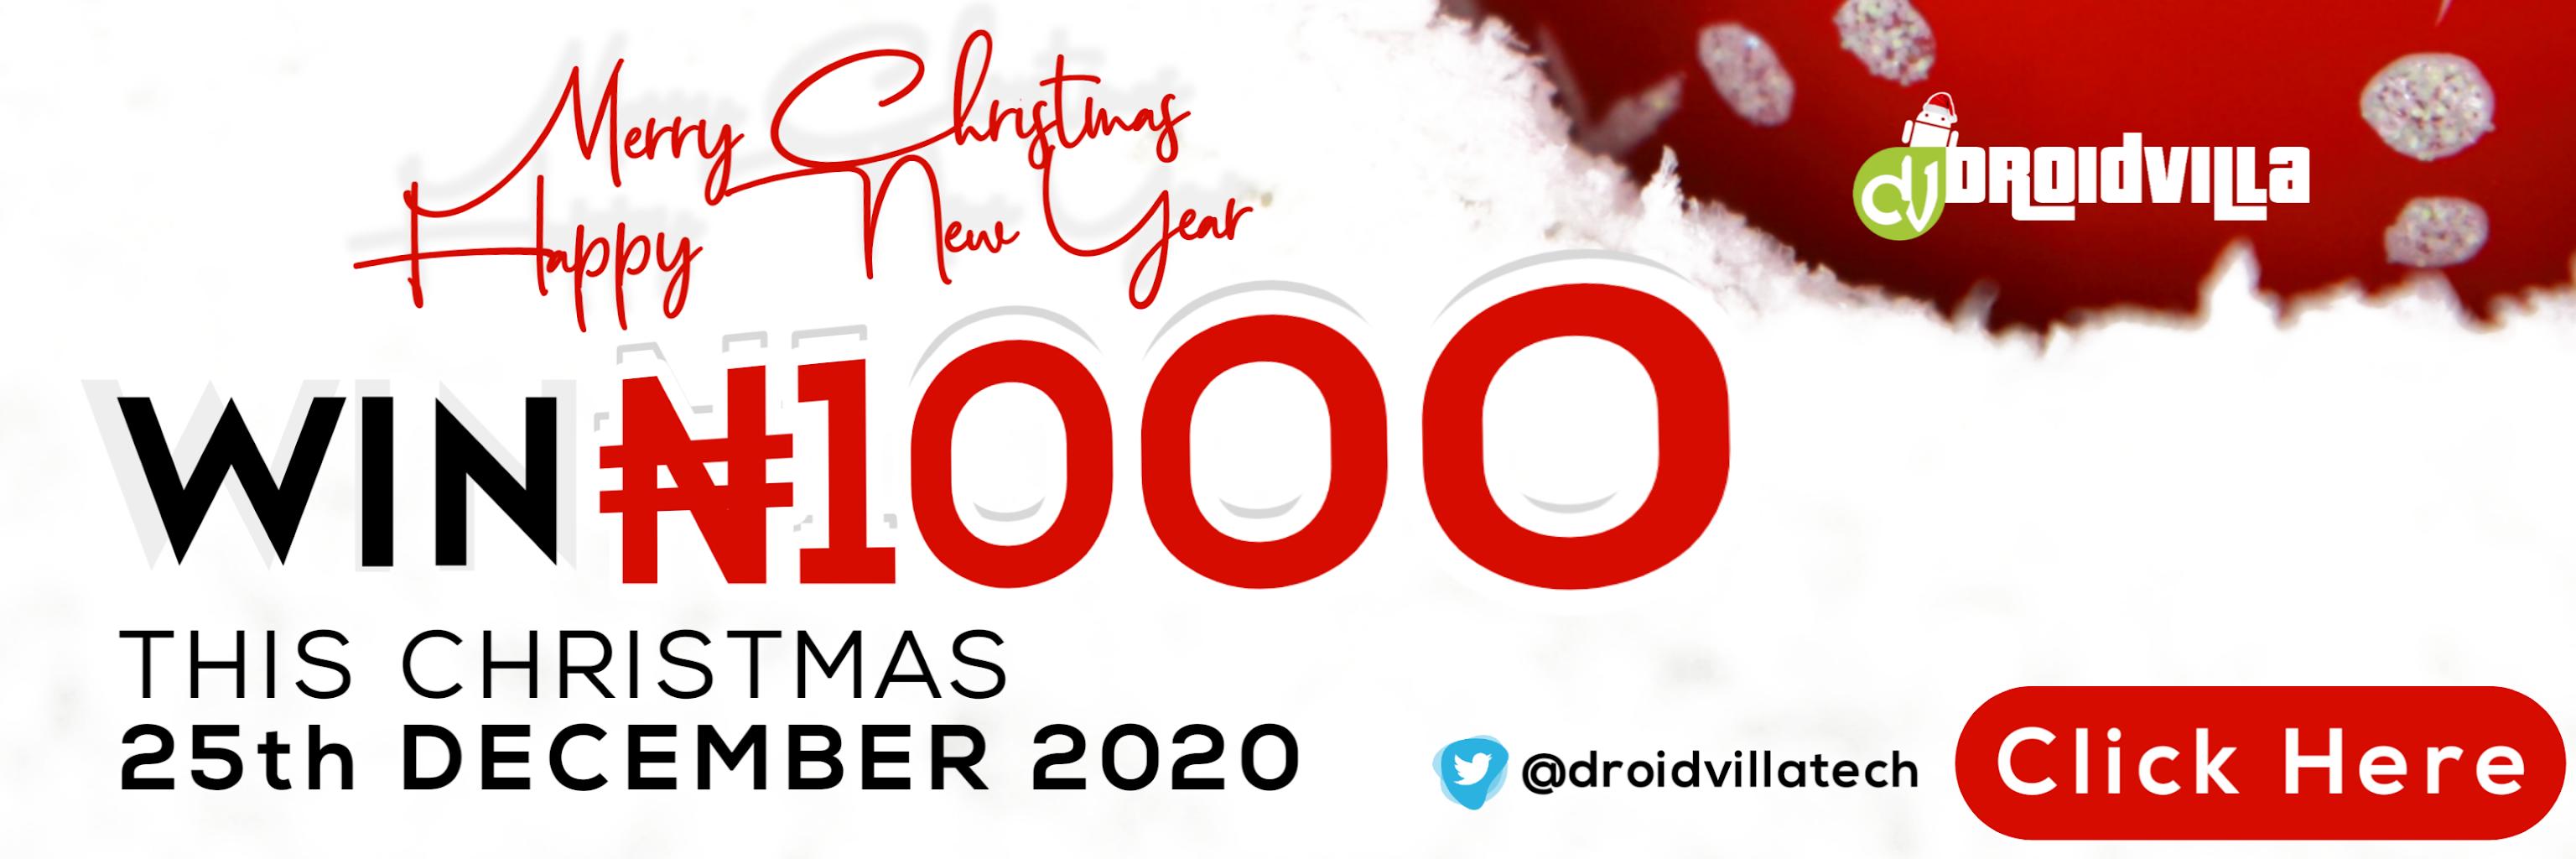 Droidvilla Christmas N1000 Giveaway